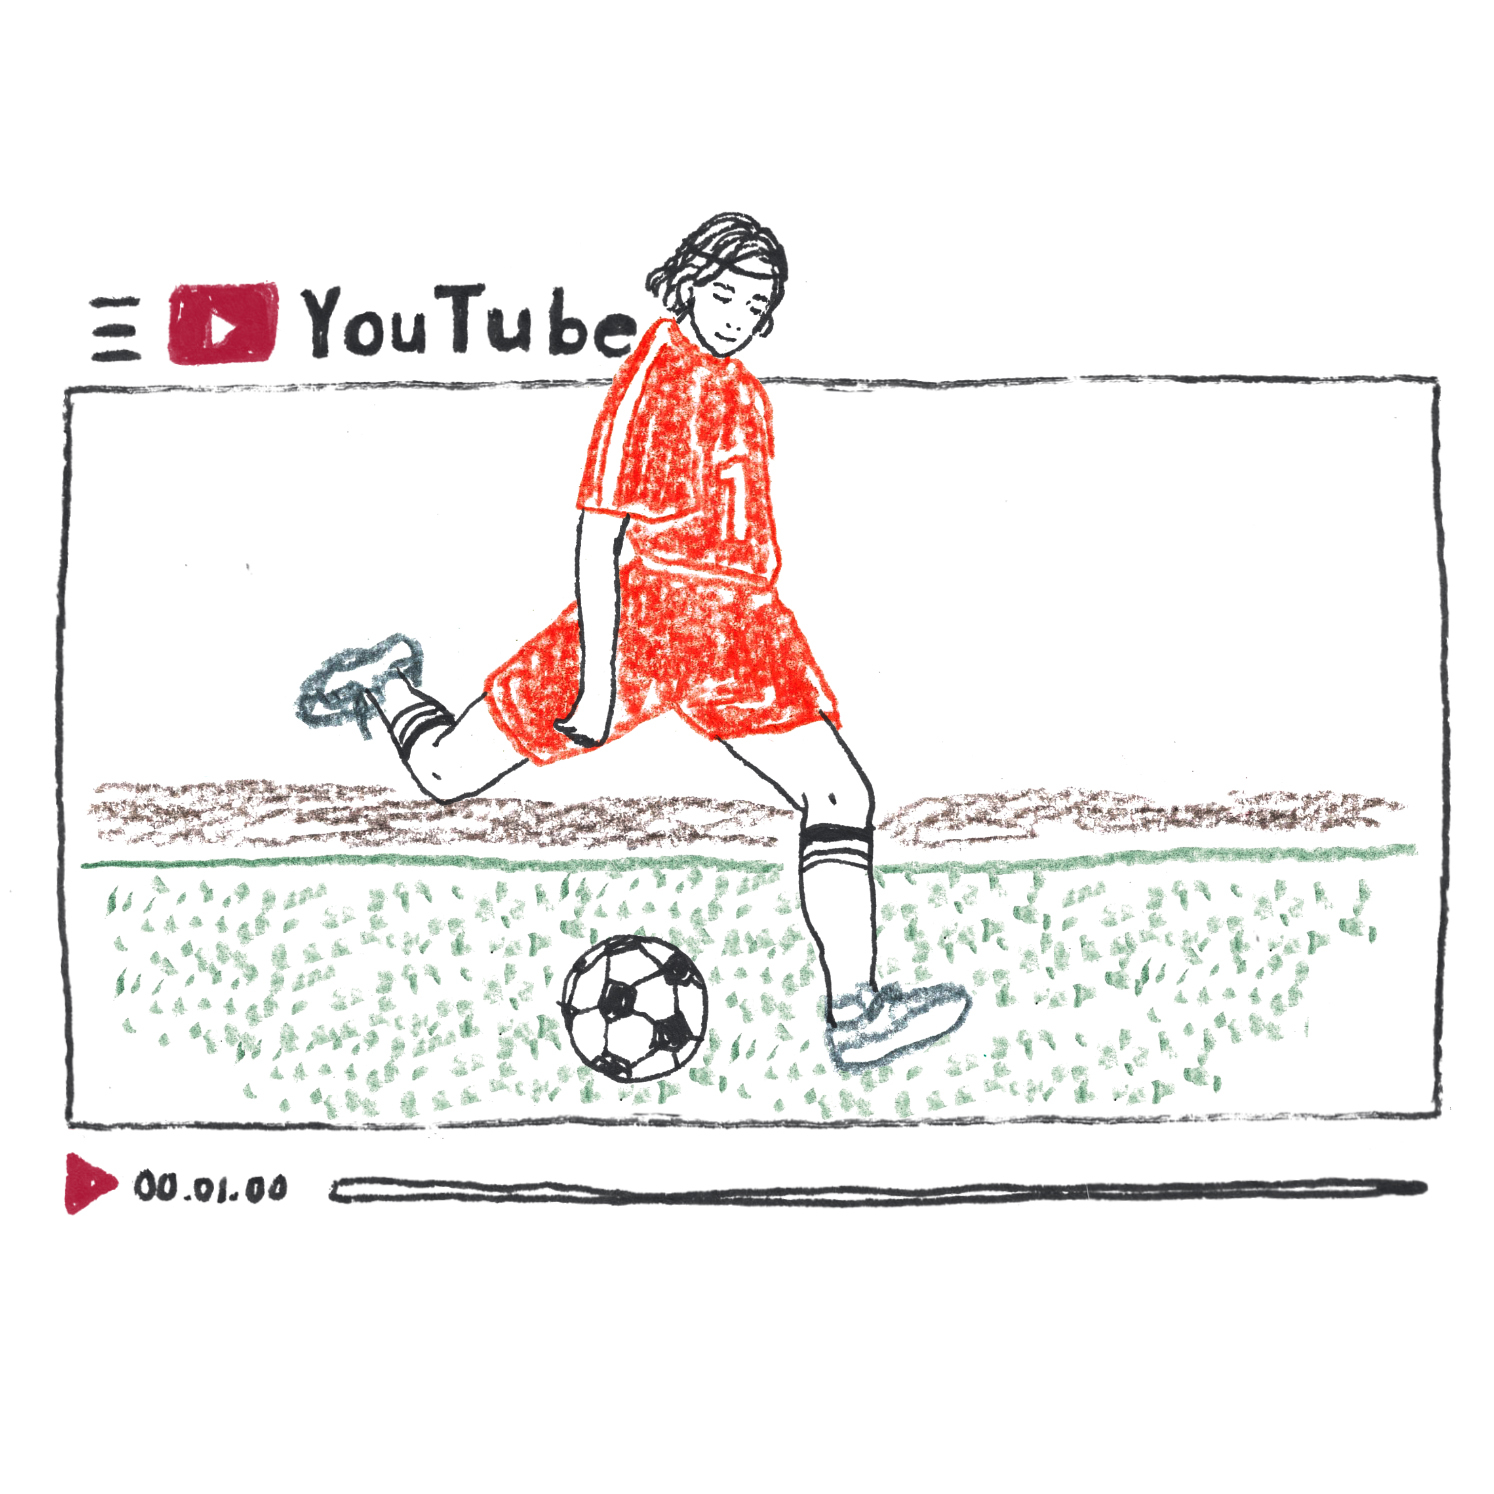 C:スポーツ中継の動画